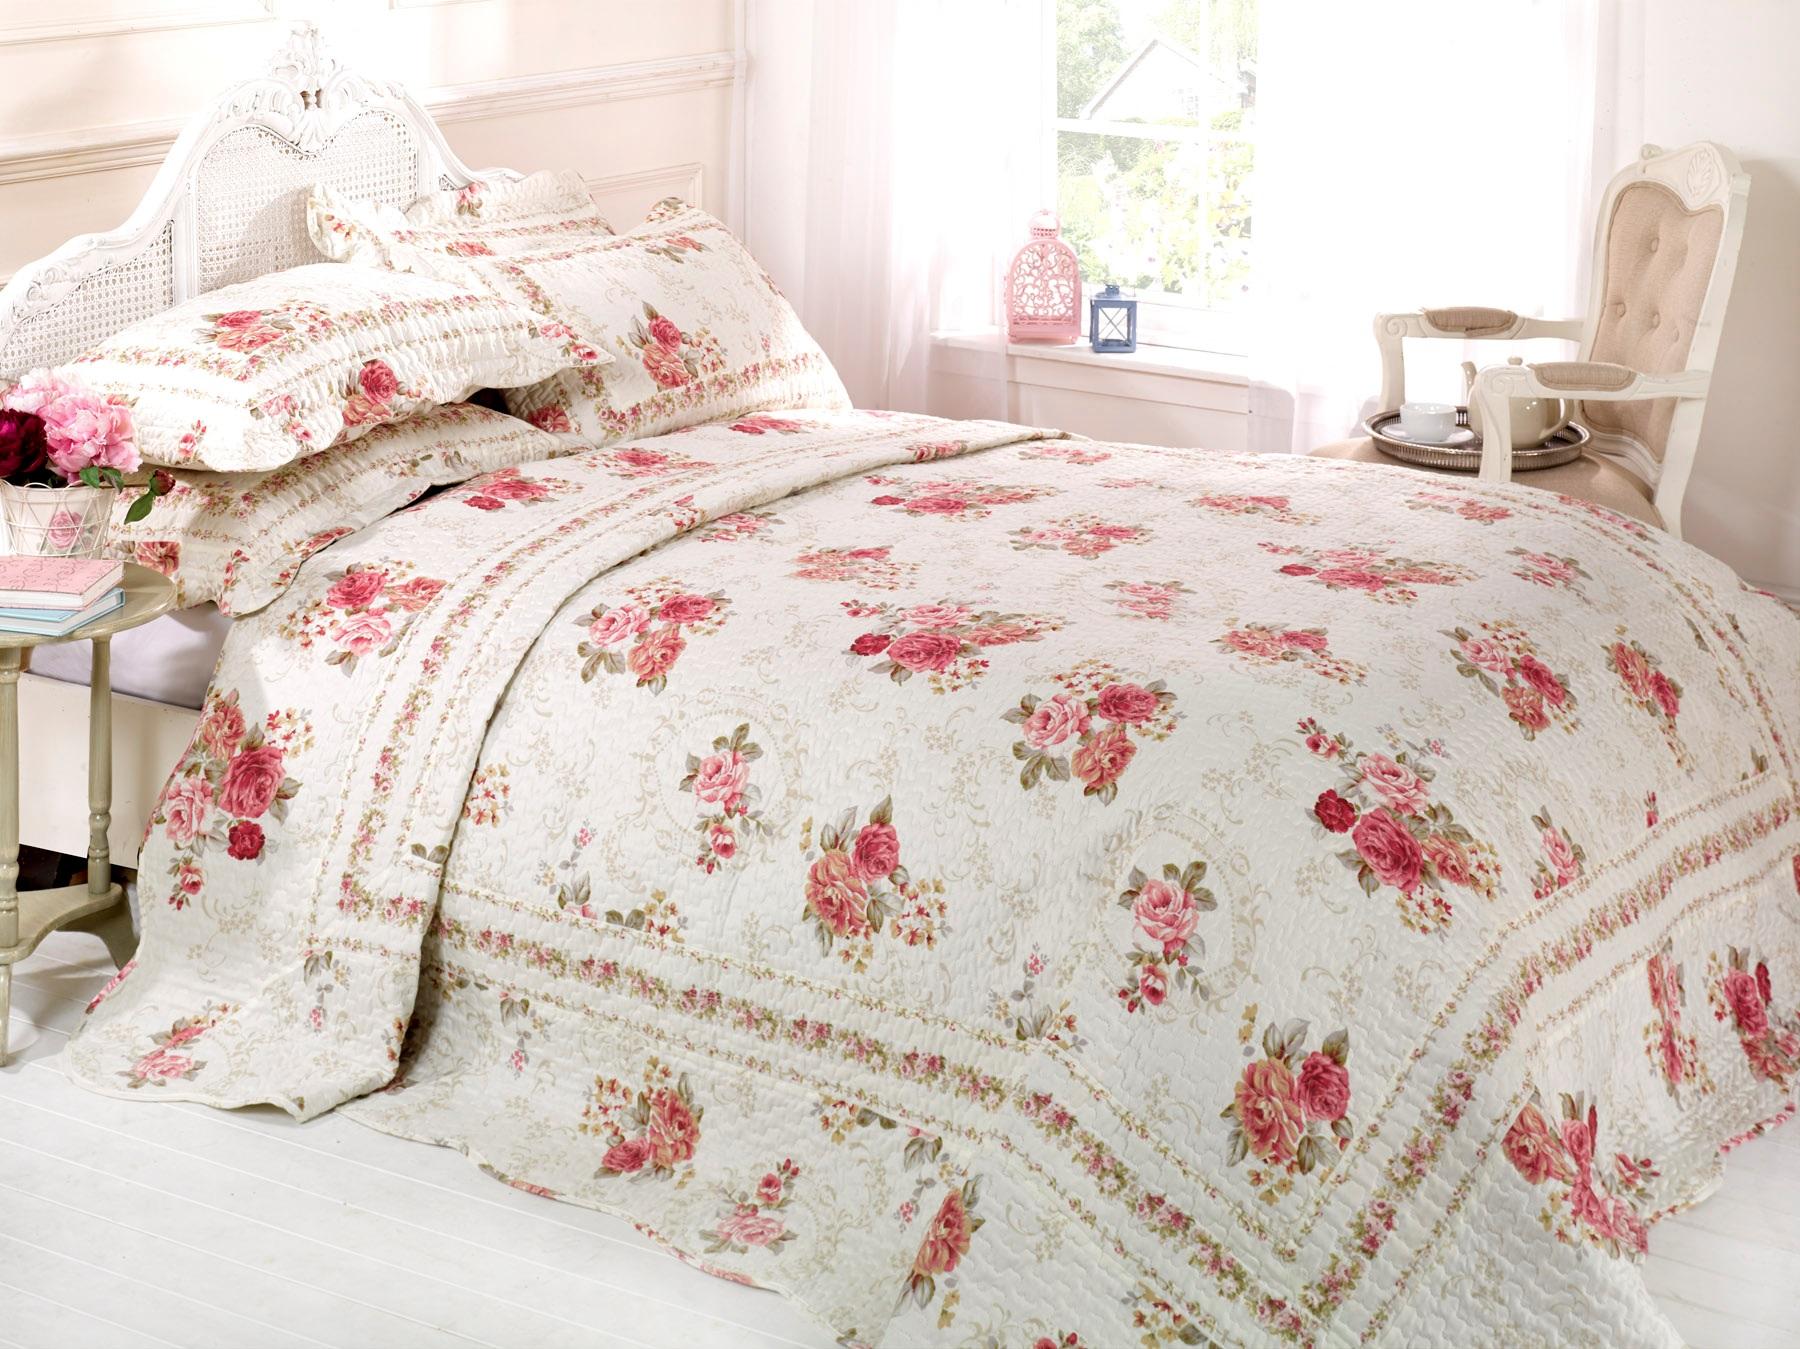 Cordova rosso vinaccia a fiori rosa copriletto set singolo doppio matrimoniale ebay - Copriletto matrimoniale rosso ...